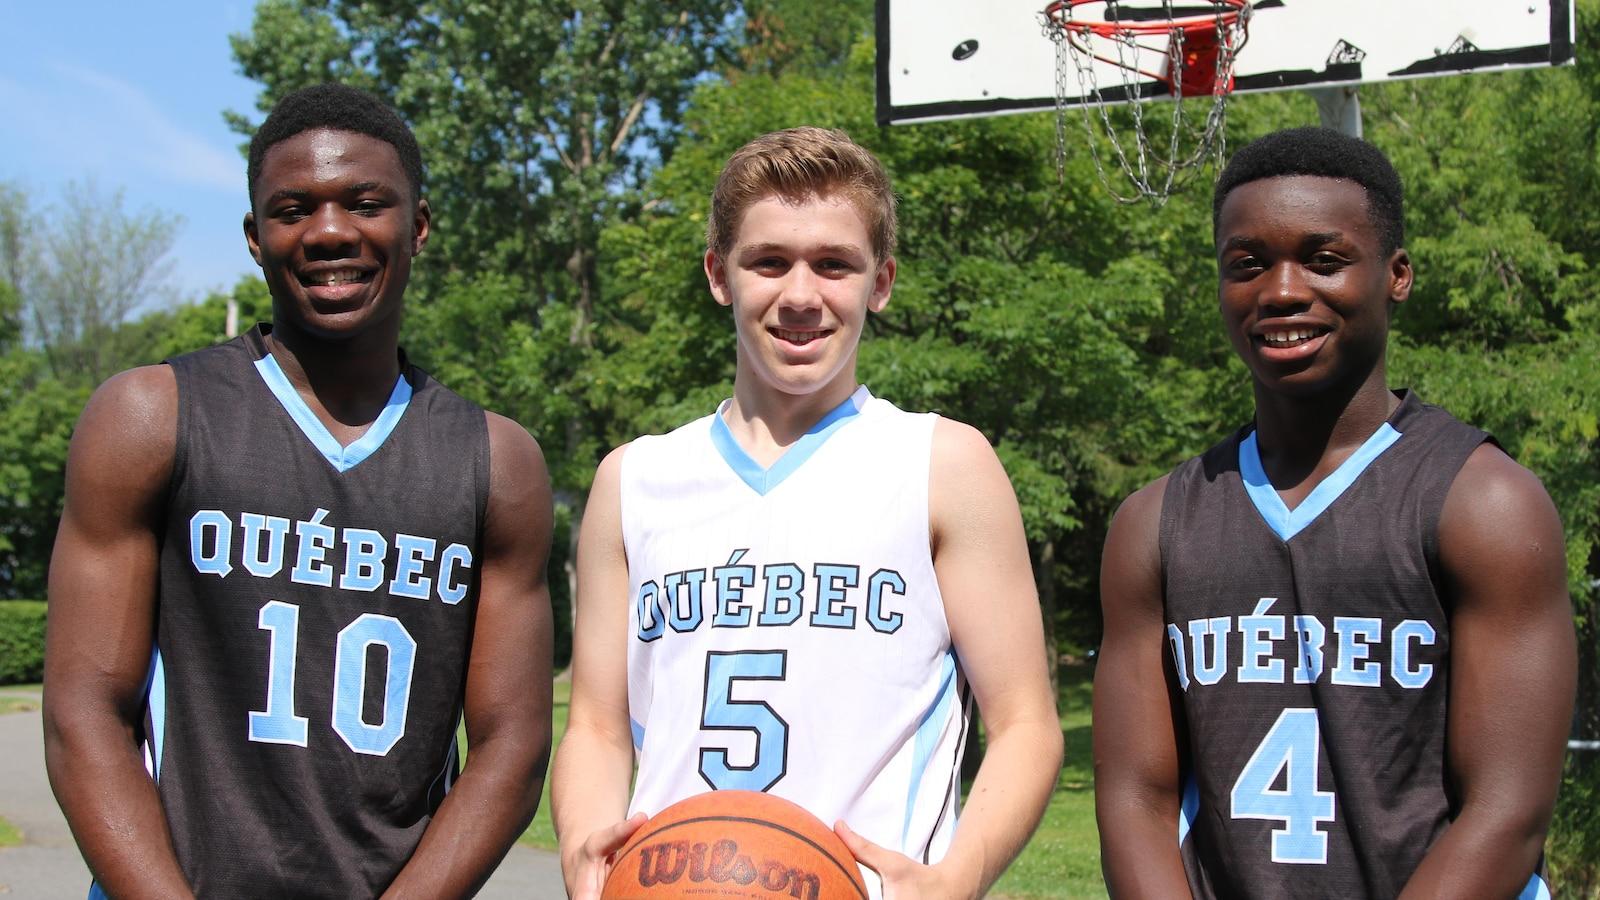 Yannice Nlend, Eldrick Rivard et Yve Nsanzinshuti prennent la pose sur un terrain de basketball extérieur. Eldrick tient un ballon entre les mains. Les trois joueurs portent une tenue de basketball aux couleurs de l'équipe du Québec.